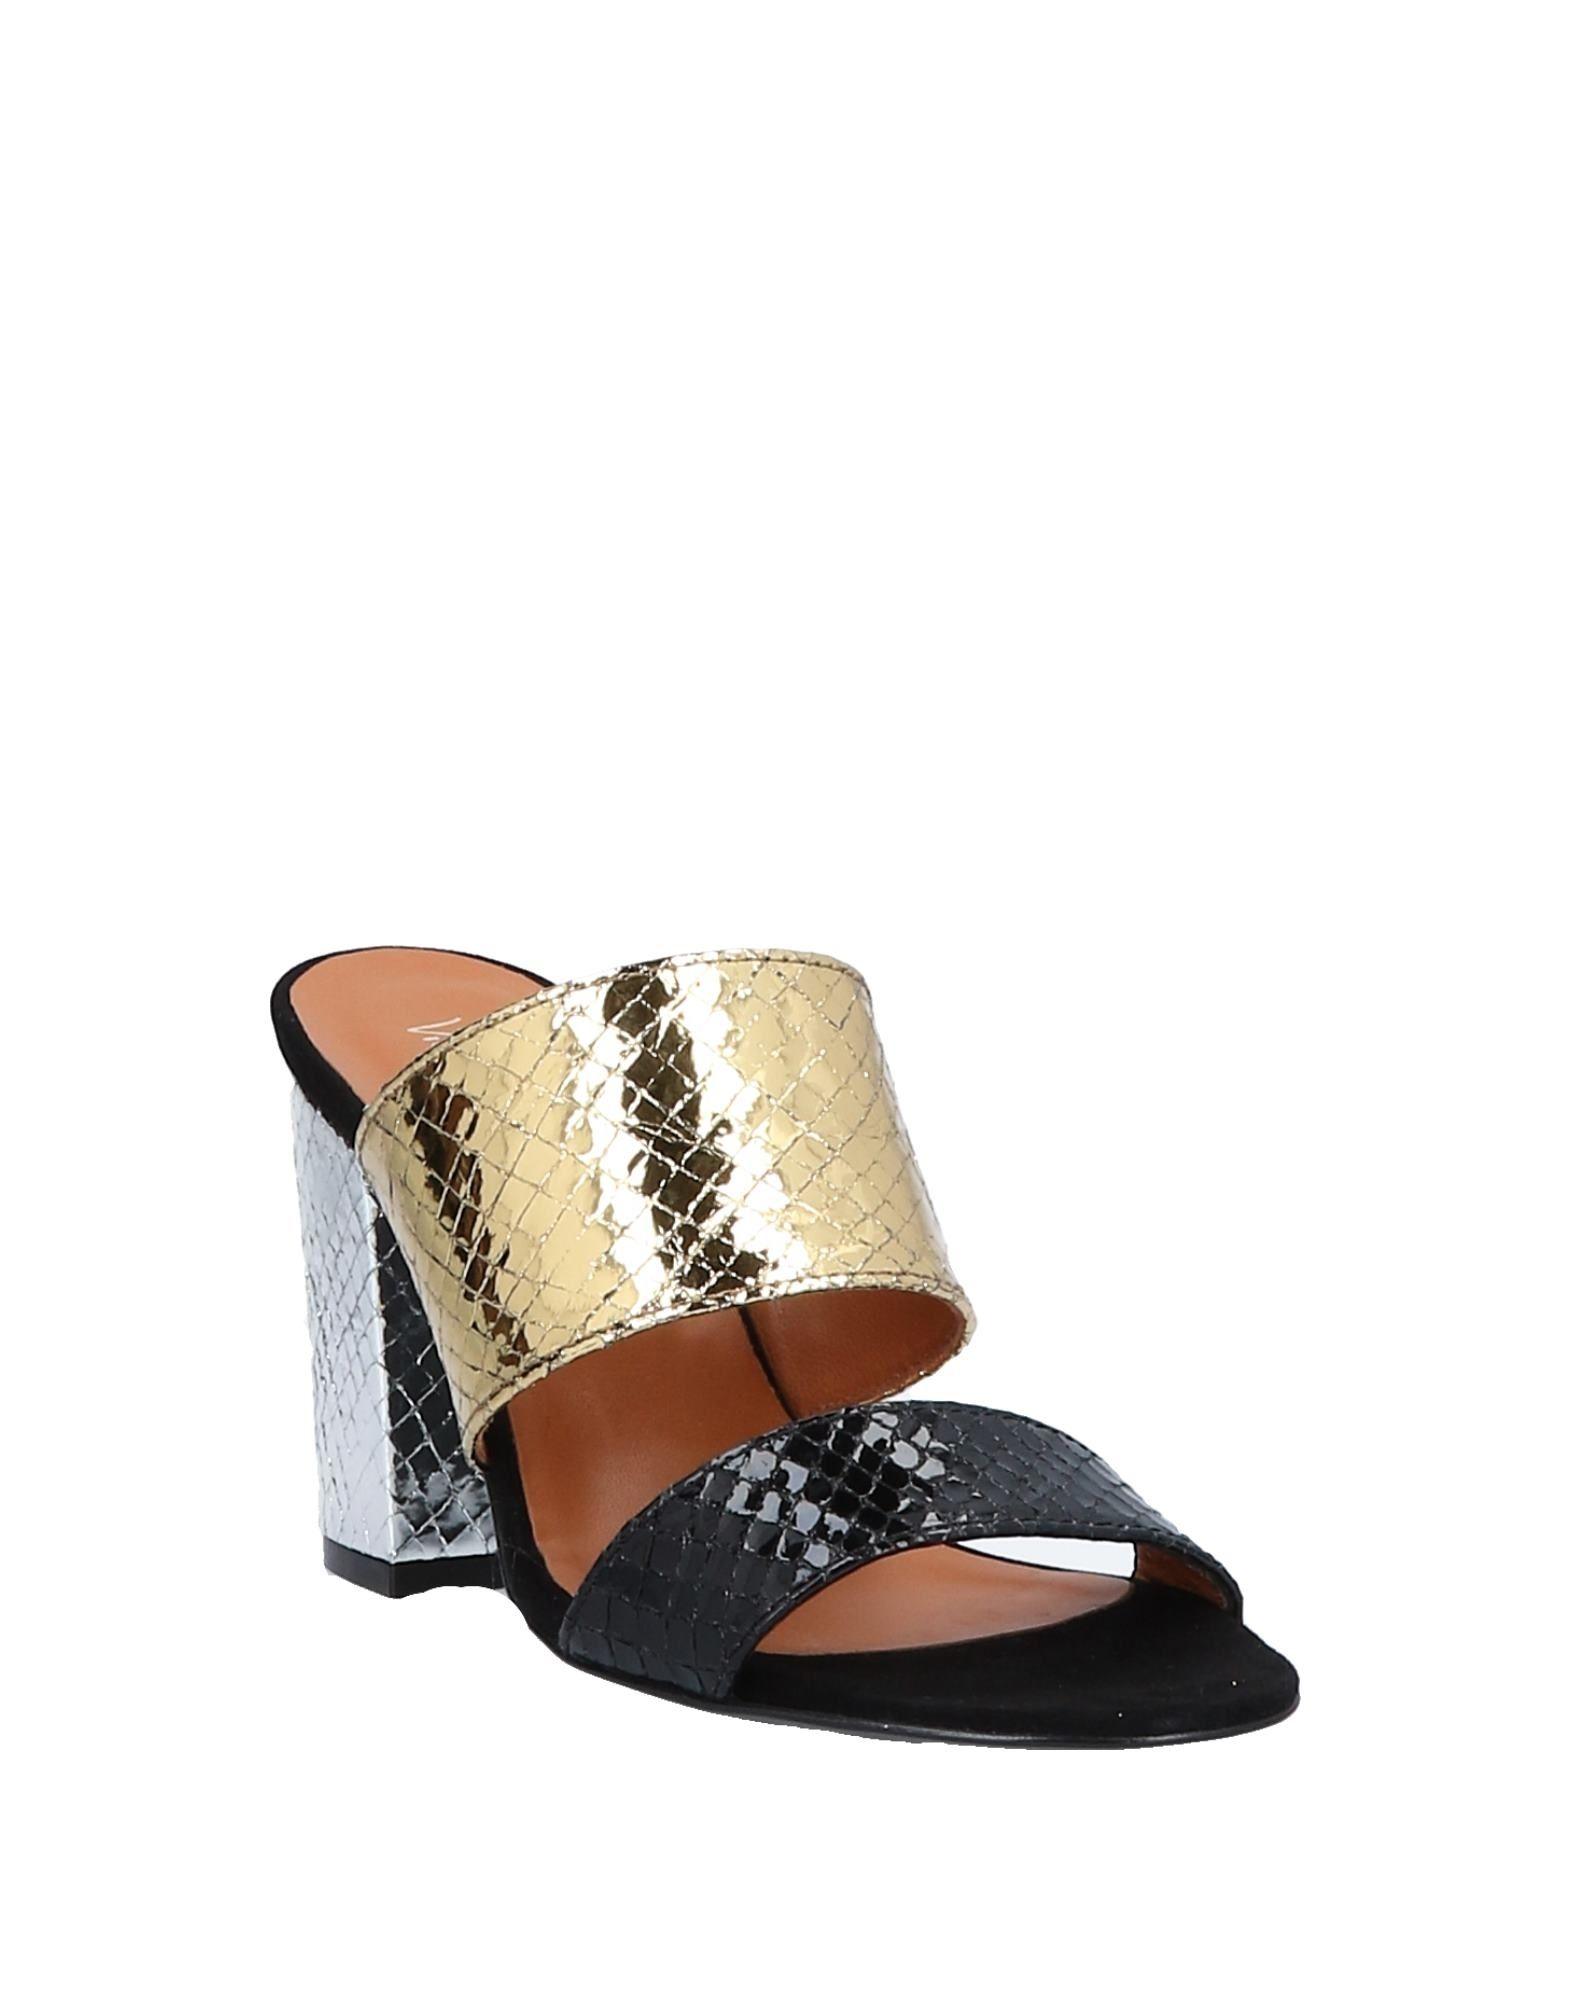 Stilvolle billige Sandalen Schuhe Via Roma 15 Sandalen billige Damen  11563129VH 854af1